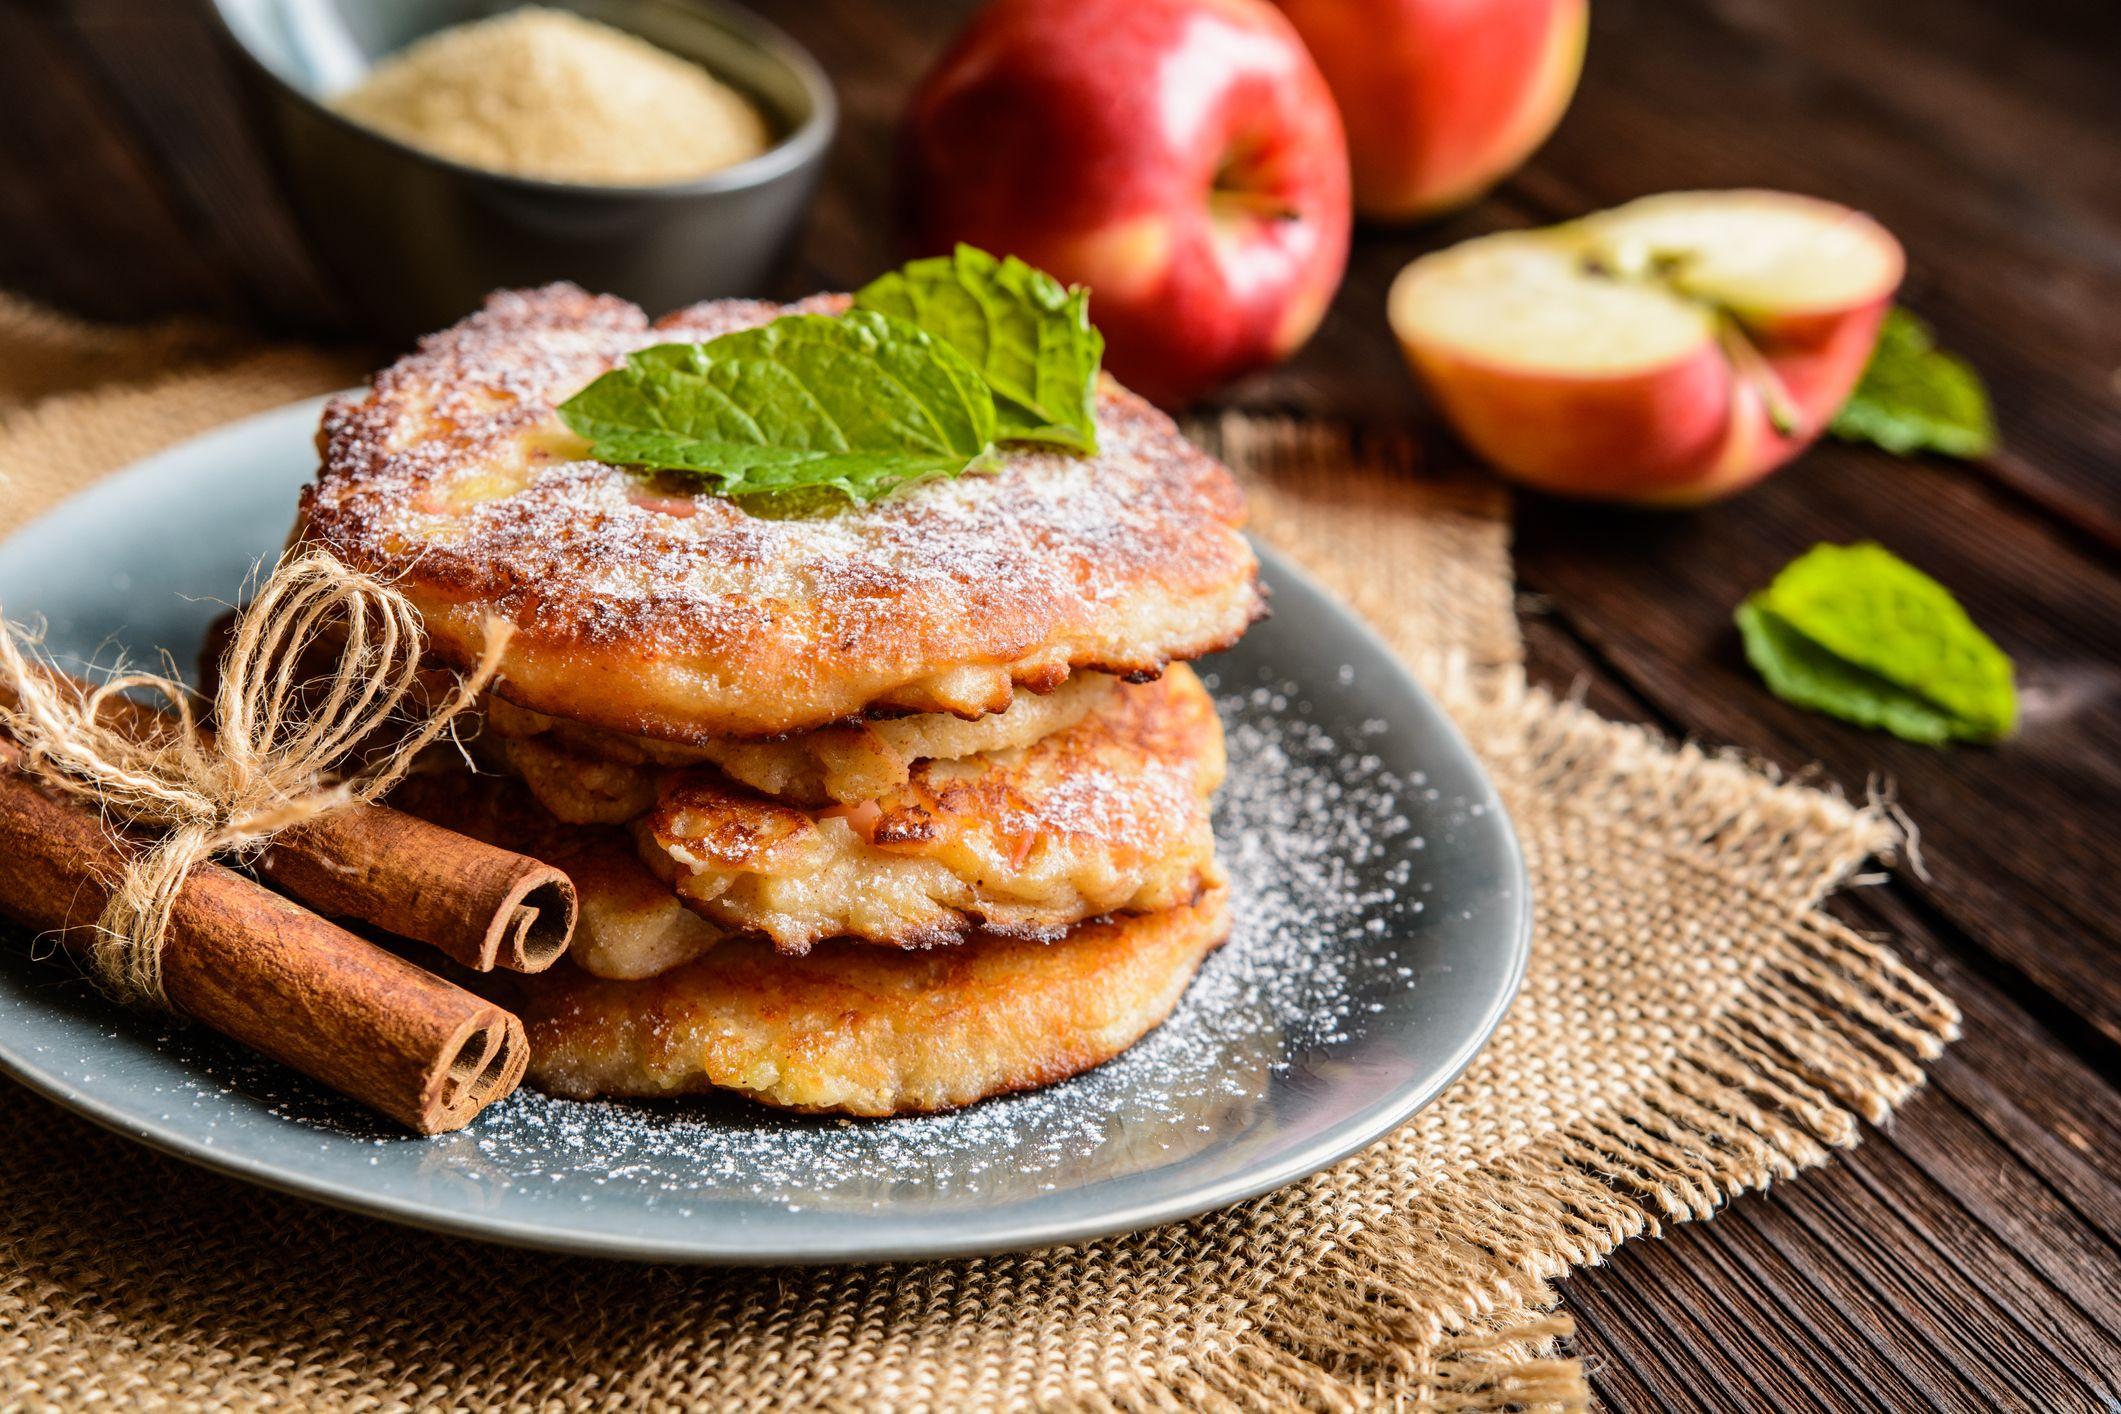 Le frittelle di mele sono il dolce della nonna che fa sorridere sempre il cuore, ma come si fanno? Così!